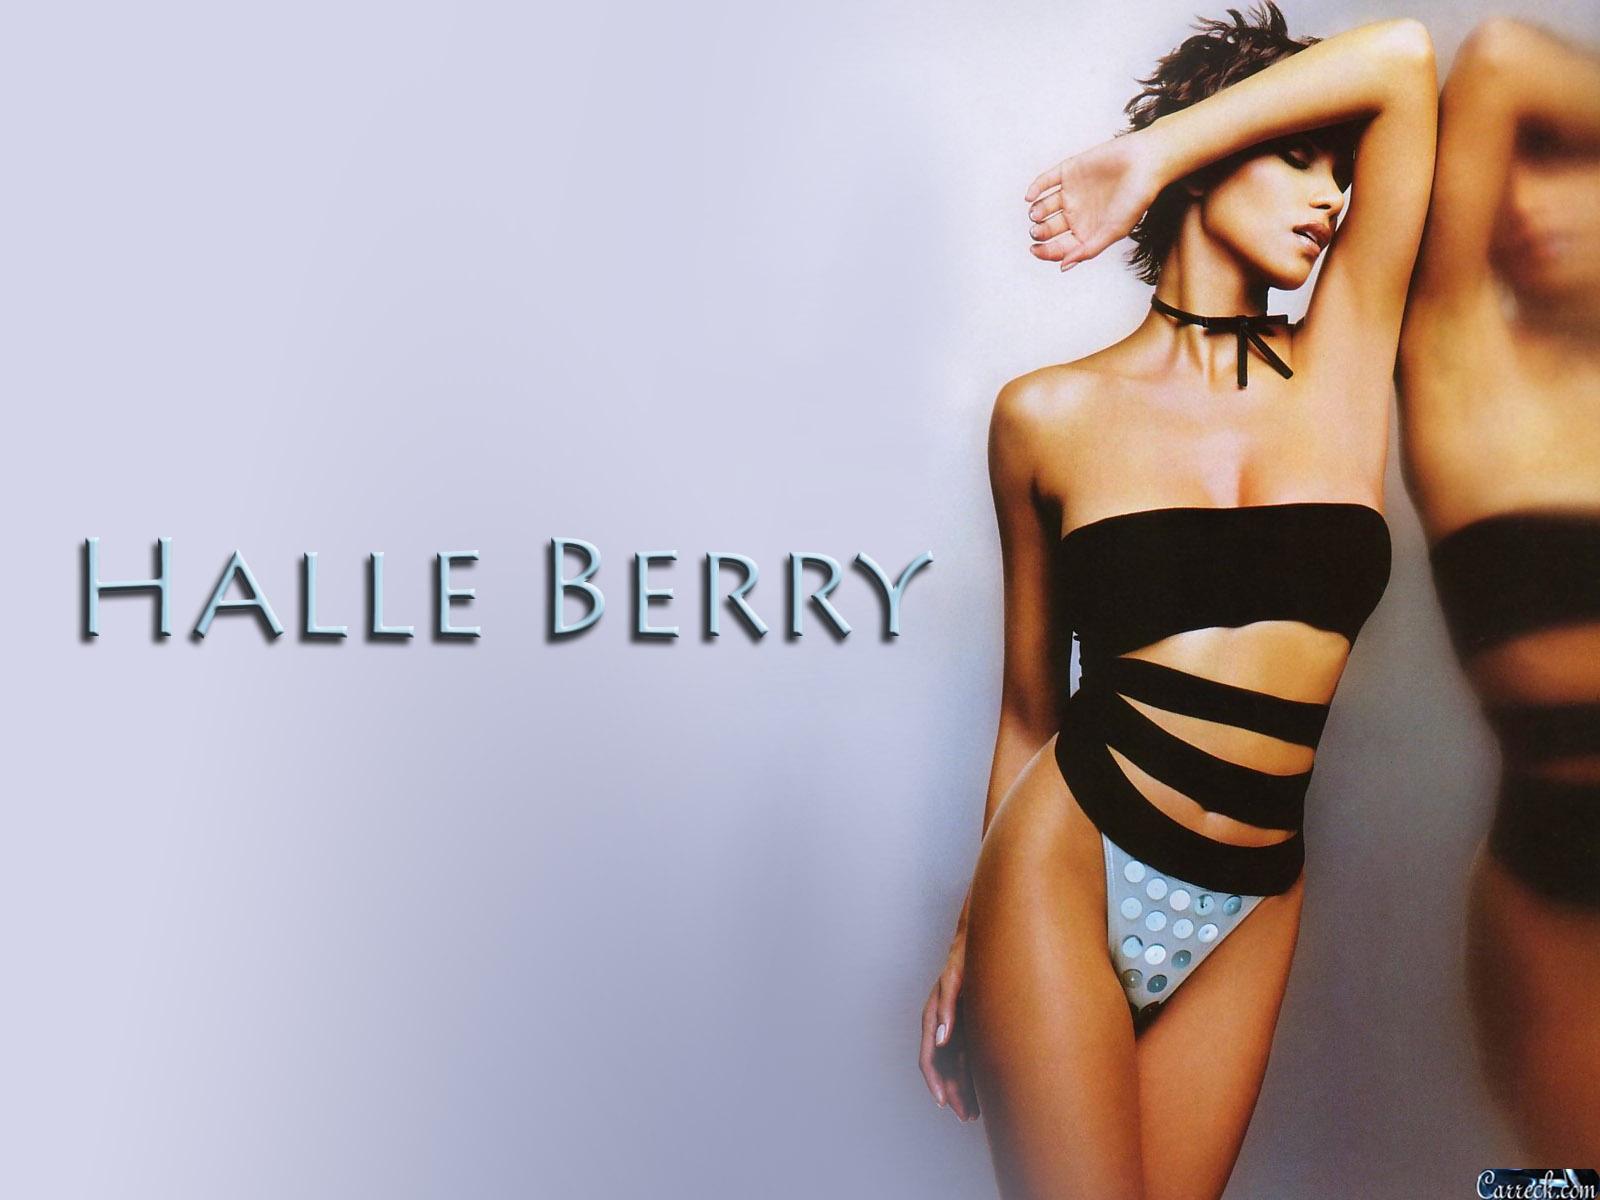 Halle Berry - Halle Berry